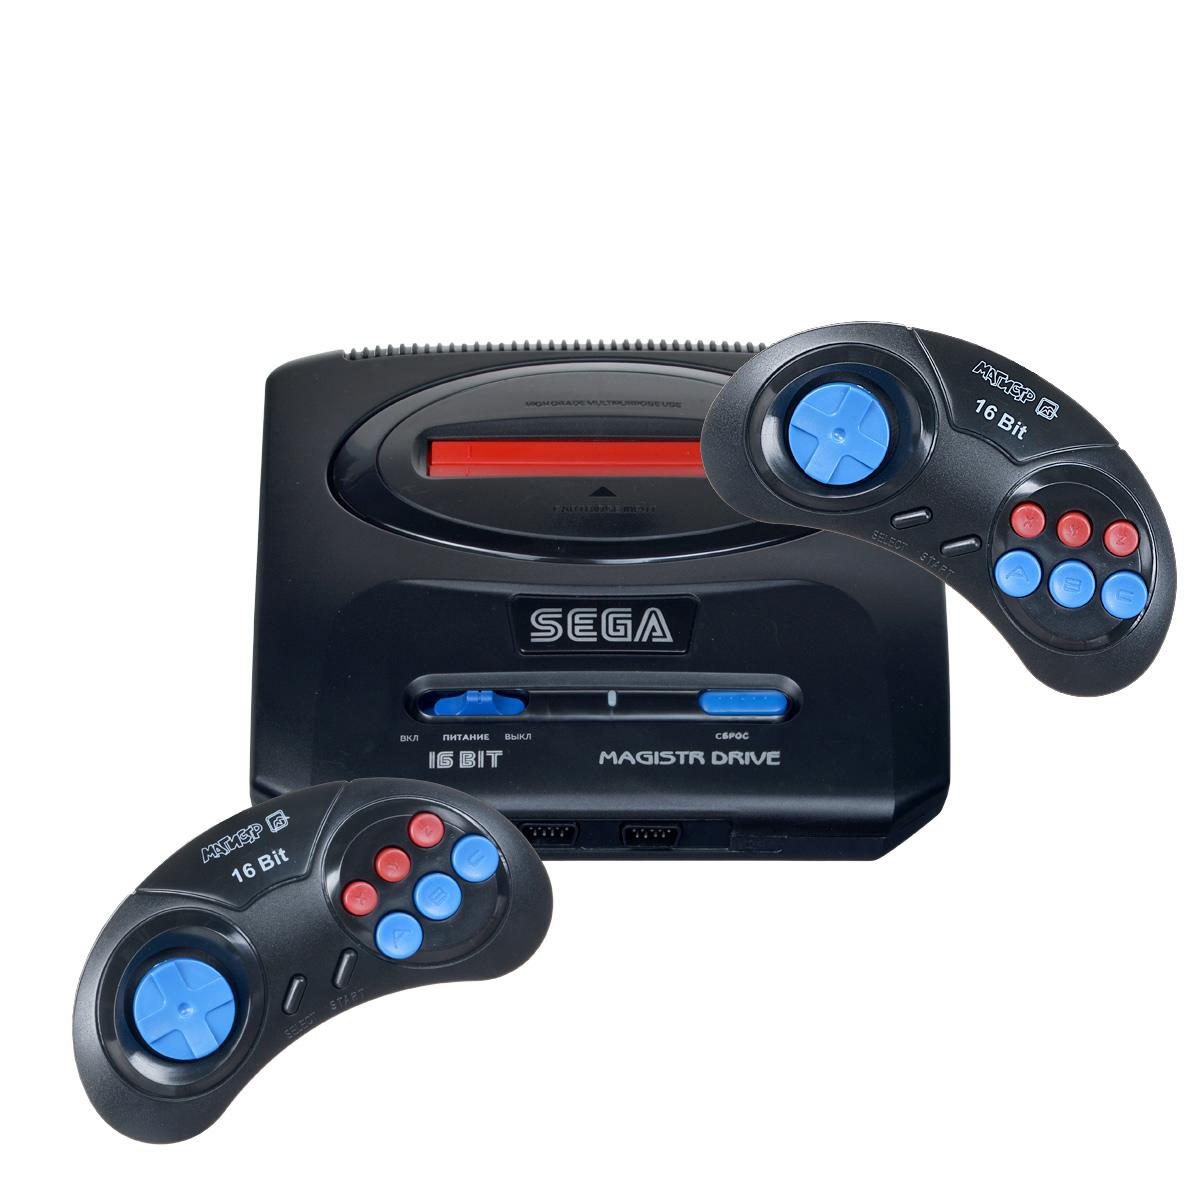 """Игровая приставка Sega Magistr Drive 2 160 игр4601250206165Sega Magistr Drive 2 160 игр — новая модель игровой 16-битной приставки от компании """"NewGame"""". В приставке успешно соединяется все, что необходимо для увлекательной игры — высокое качество исполнения, 160 встроенных игр, совместимость со стандартными картриджами 16 бит. Интересная игра найдется даже для самого взыскательного игрока. В вашем распоряжении будет большая библиотека игр различных жанров: приключения, гонки, леталки, боевики, файтинги, стратегии, логика и другие. Погрузитесь в многокрасочный и увлекательный мир видеоигр вместе с Sega Magistr Drive 2."""